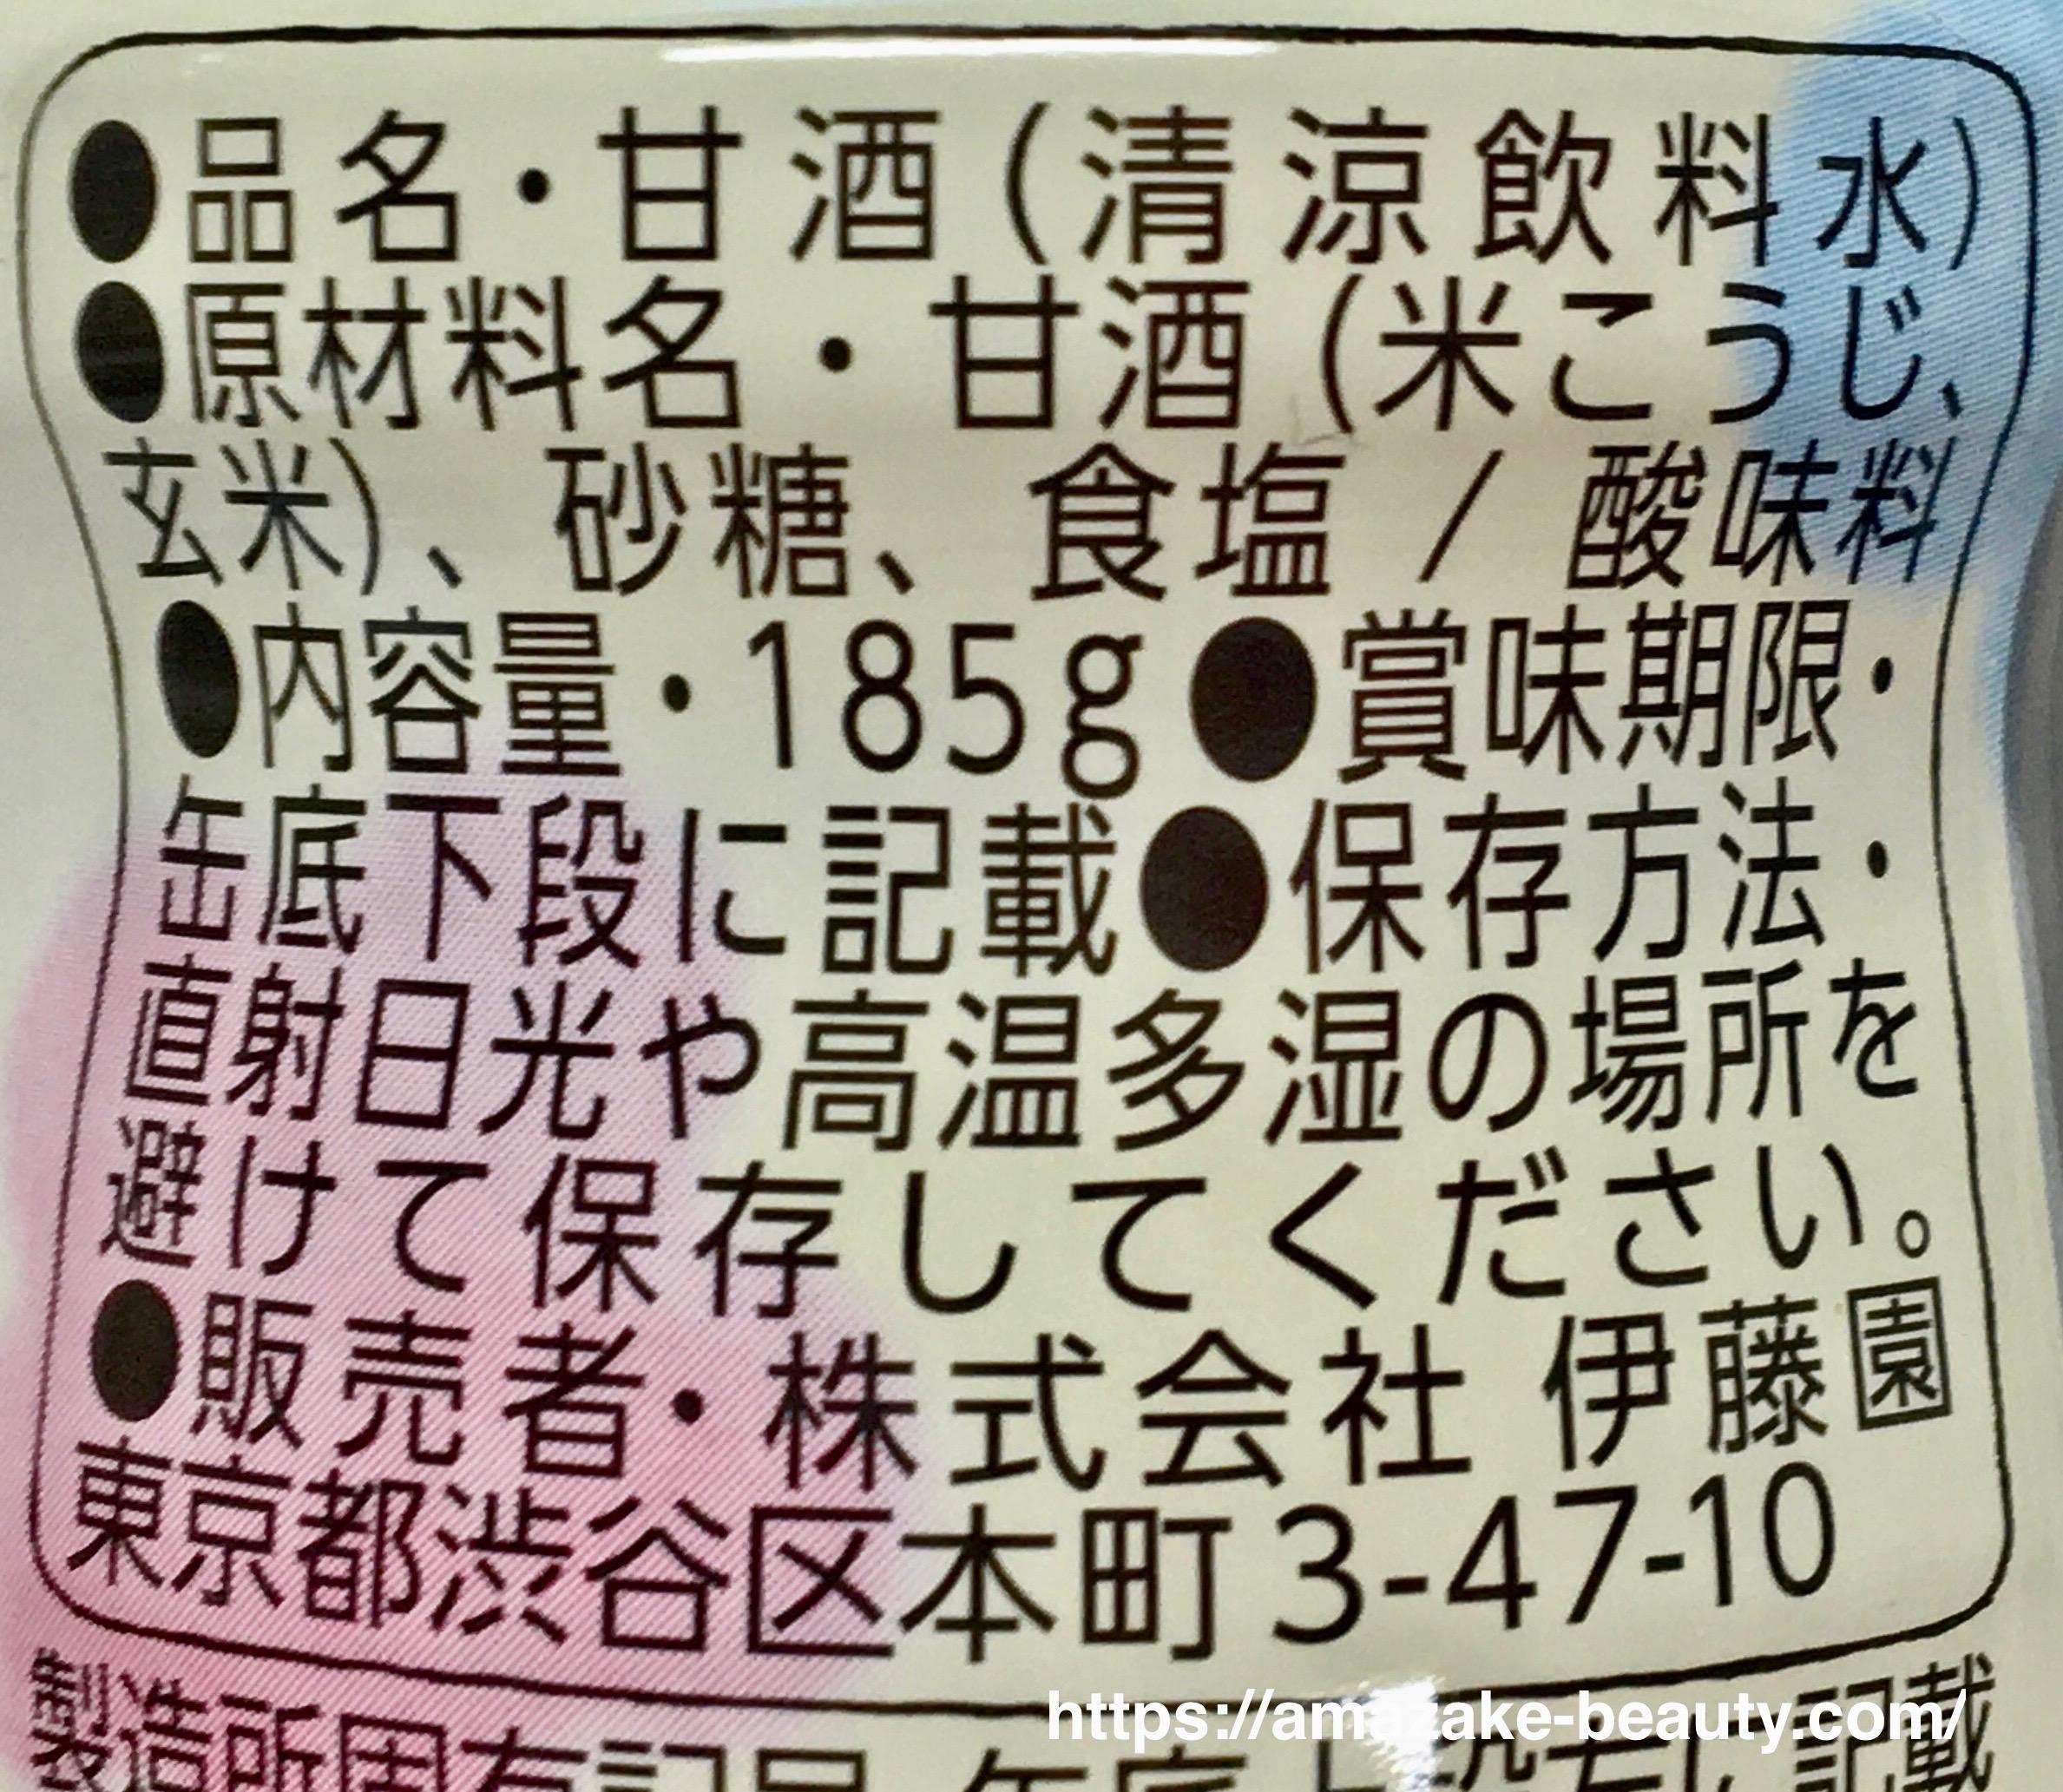 【甘酒】伊藤園『健やか甘酒』(商品情報)